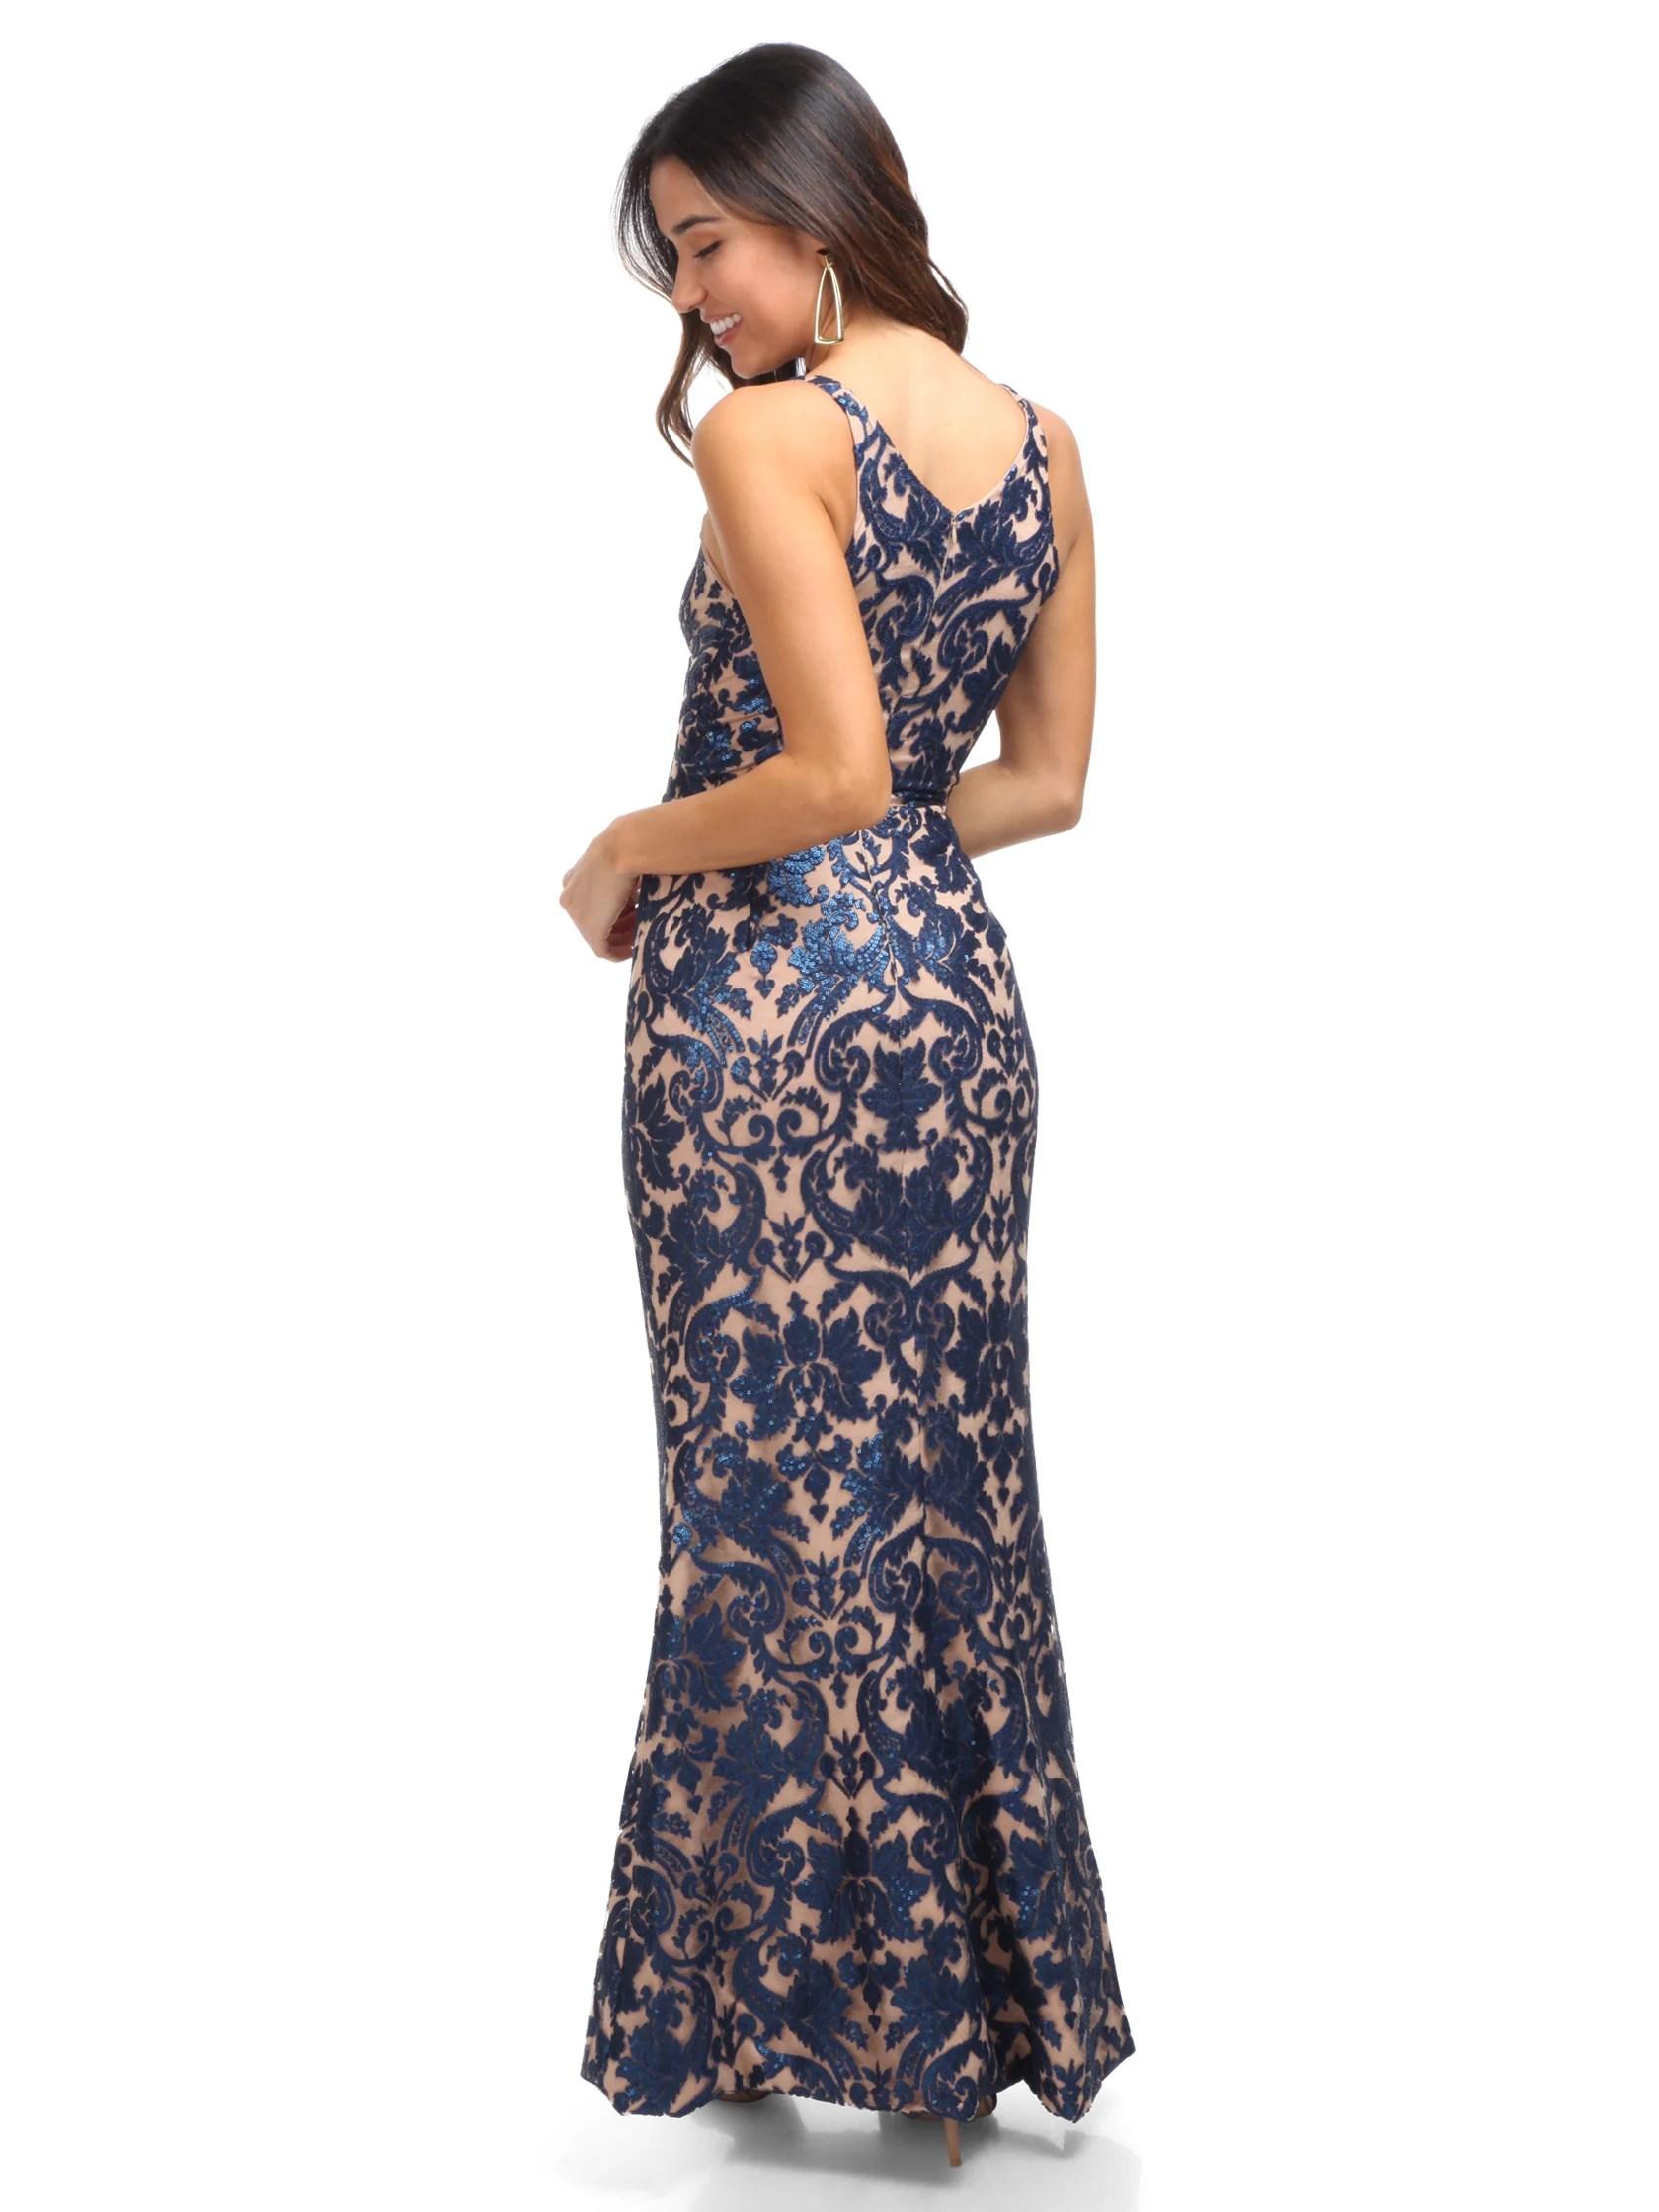 Fullsize Of Dress The Population